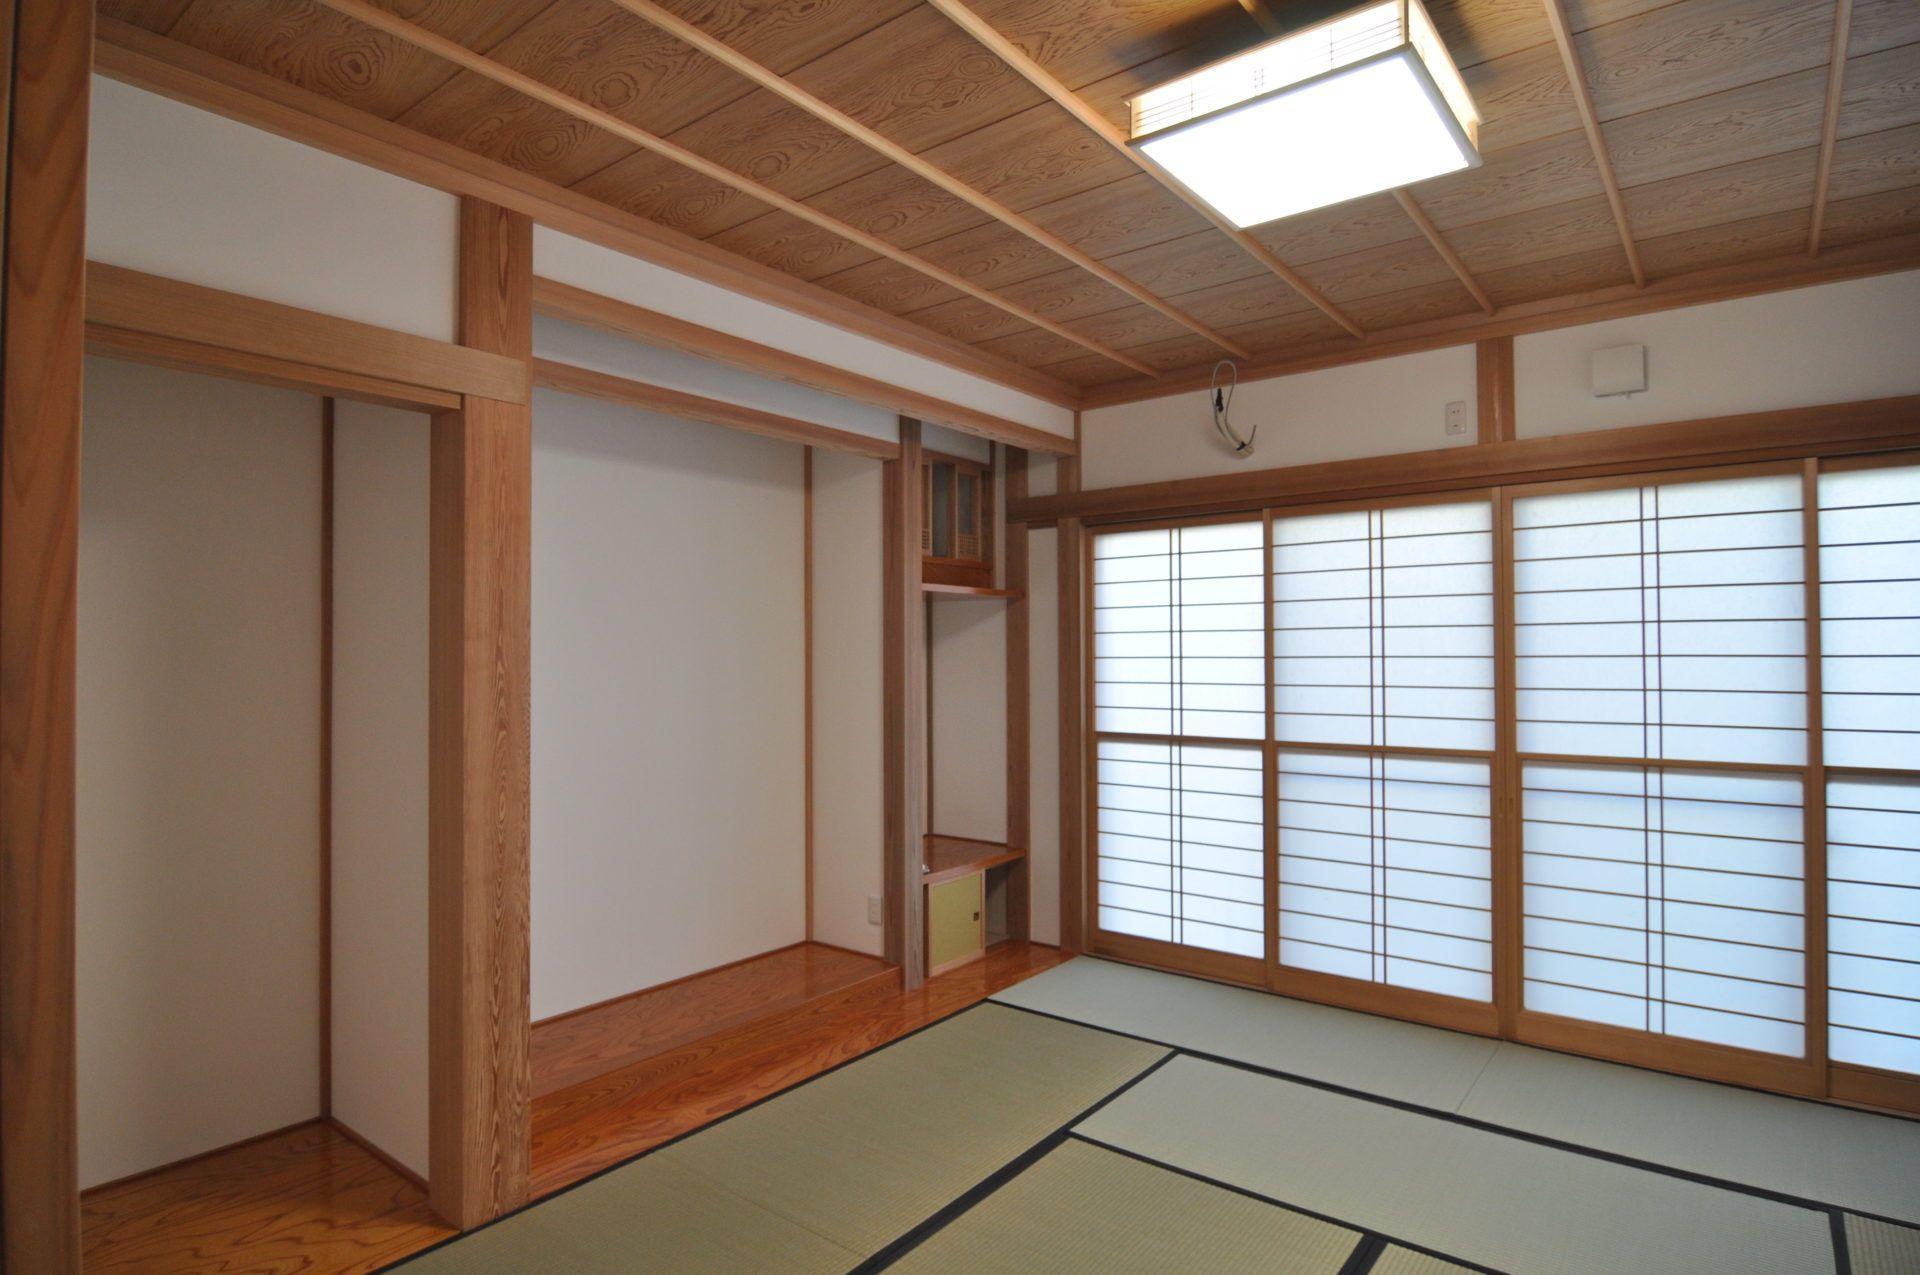 有限会社 市川建築店 1級建築士事務所「三条市 T様邸」の和風・和モダンな居室の実例写真